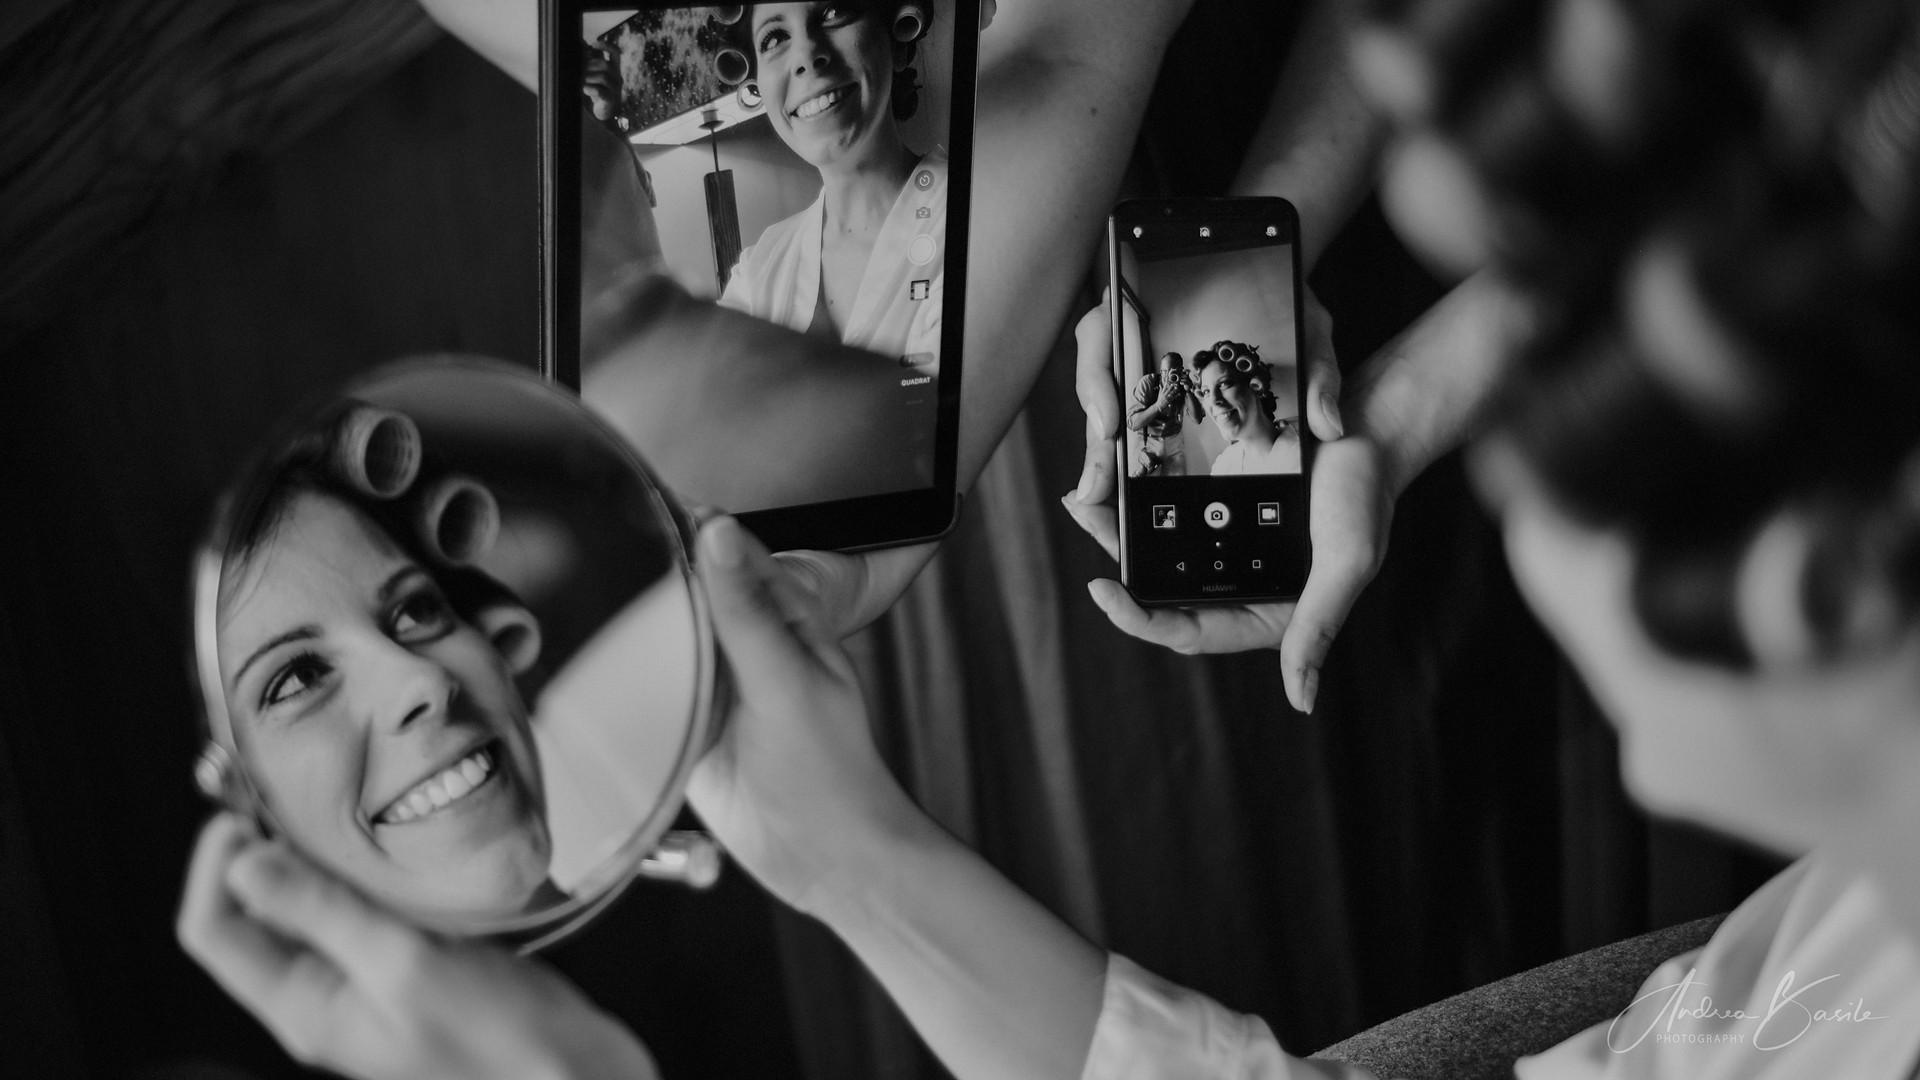 Unsere Tipps für die perfekte Hochzeit in München. Wir haben unsere langjährige Erfahrung als Hochzeitsfotograf München gebündelt und wollen Dir mit dieser Seite alle Empfehlungen geben, die Du für eine gelungene Hochzeit in München, Tegernsee, Freising, Landshut, Chiemsee brauchst.